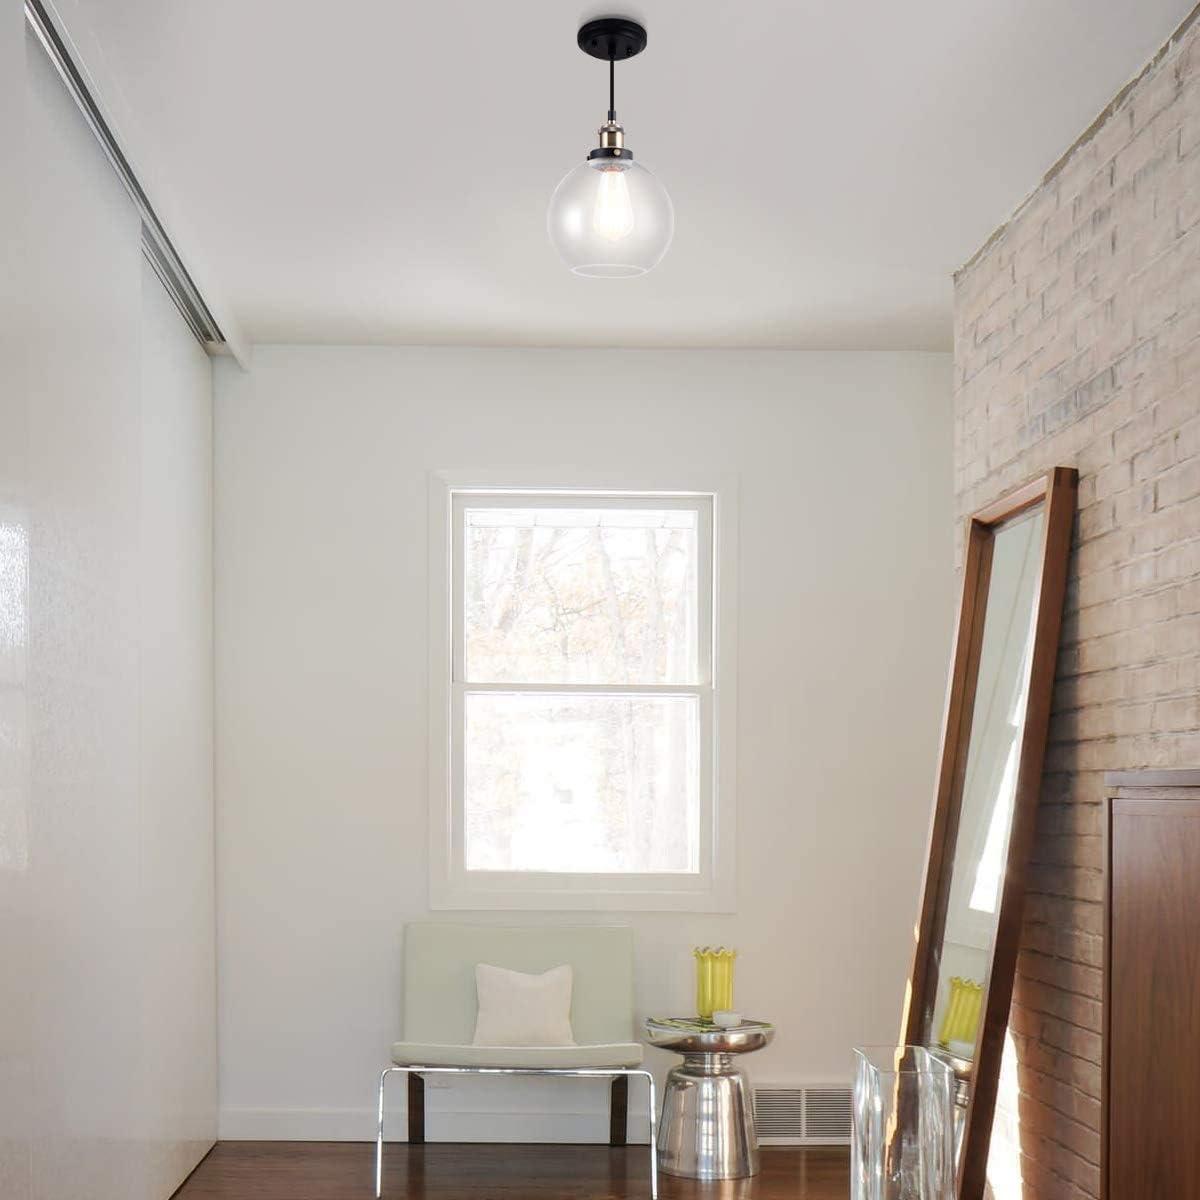 Frideko Deckenpendelleuchte im Vintage-/Industriestil für Zuhause, Büro und Café, glas, 1 Pcs, E27 60.00W 220.00V A-20cm